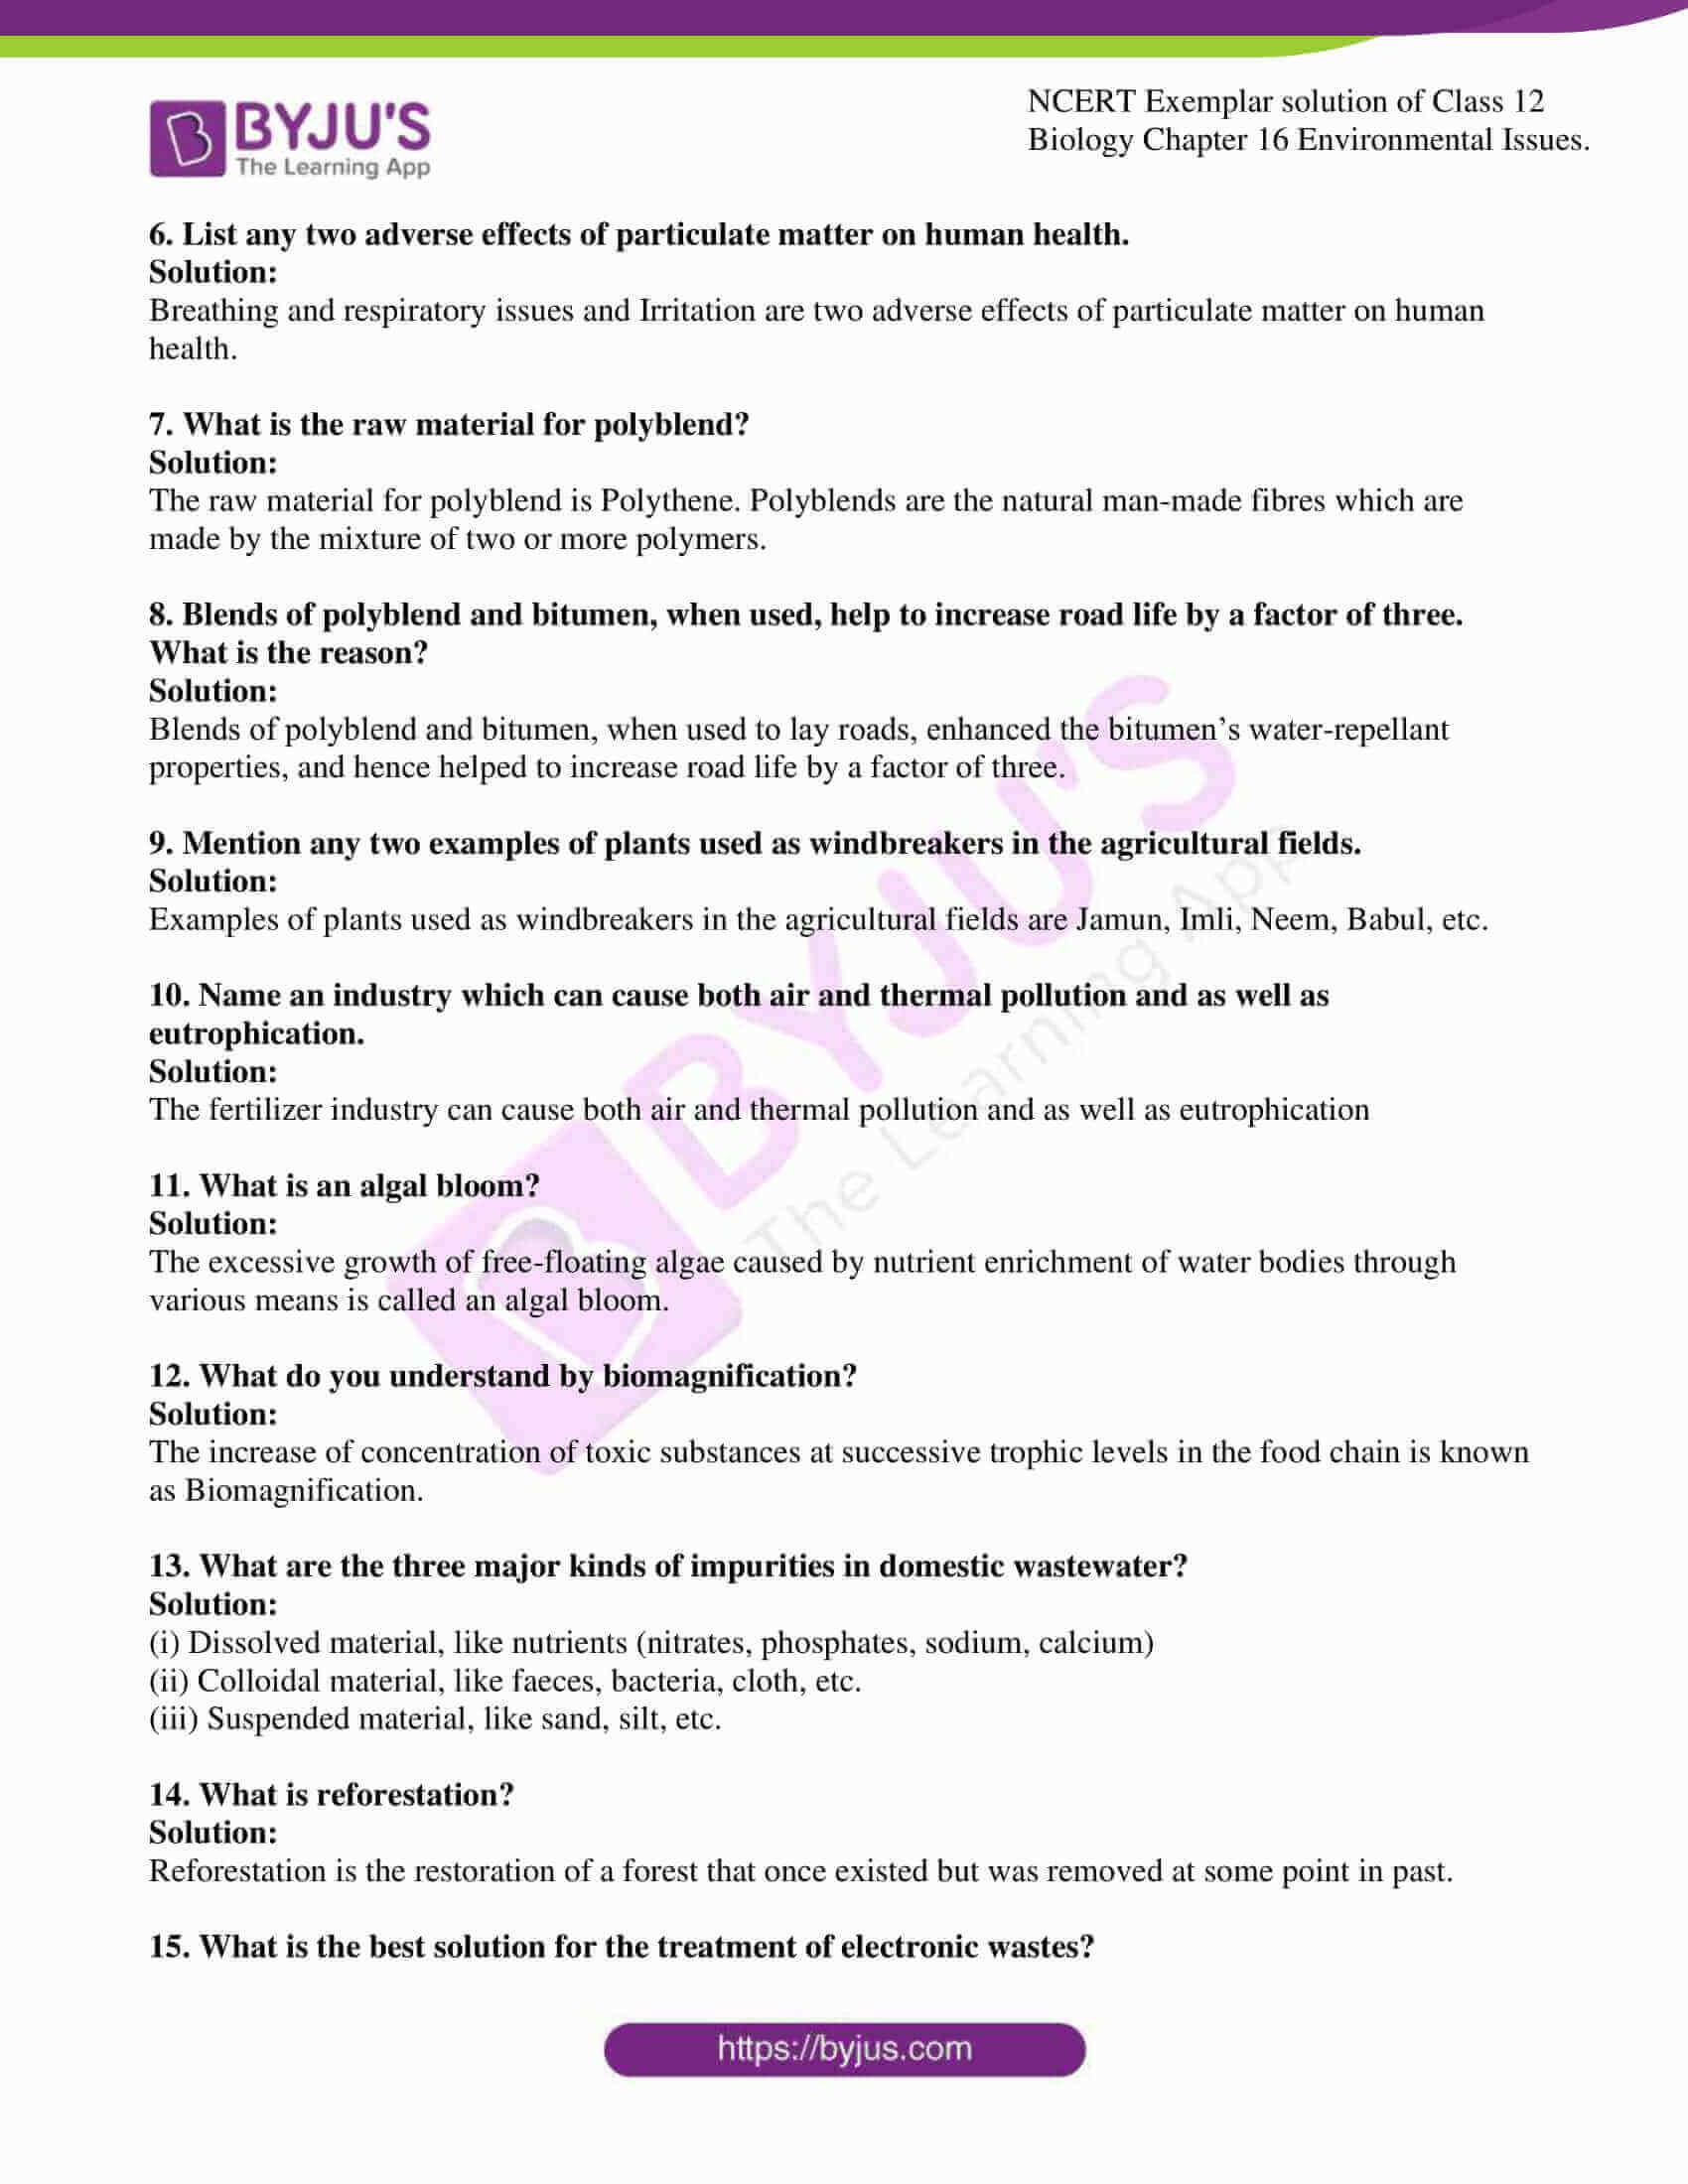 ncert exemplar solution of class 12 biology chapter 16 06